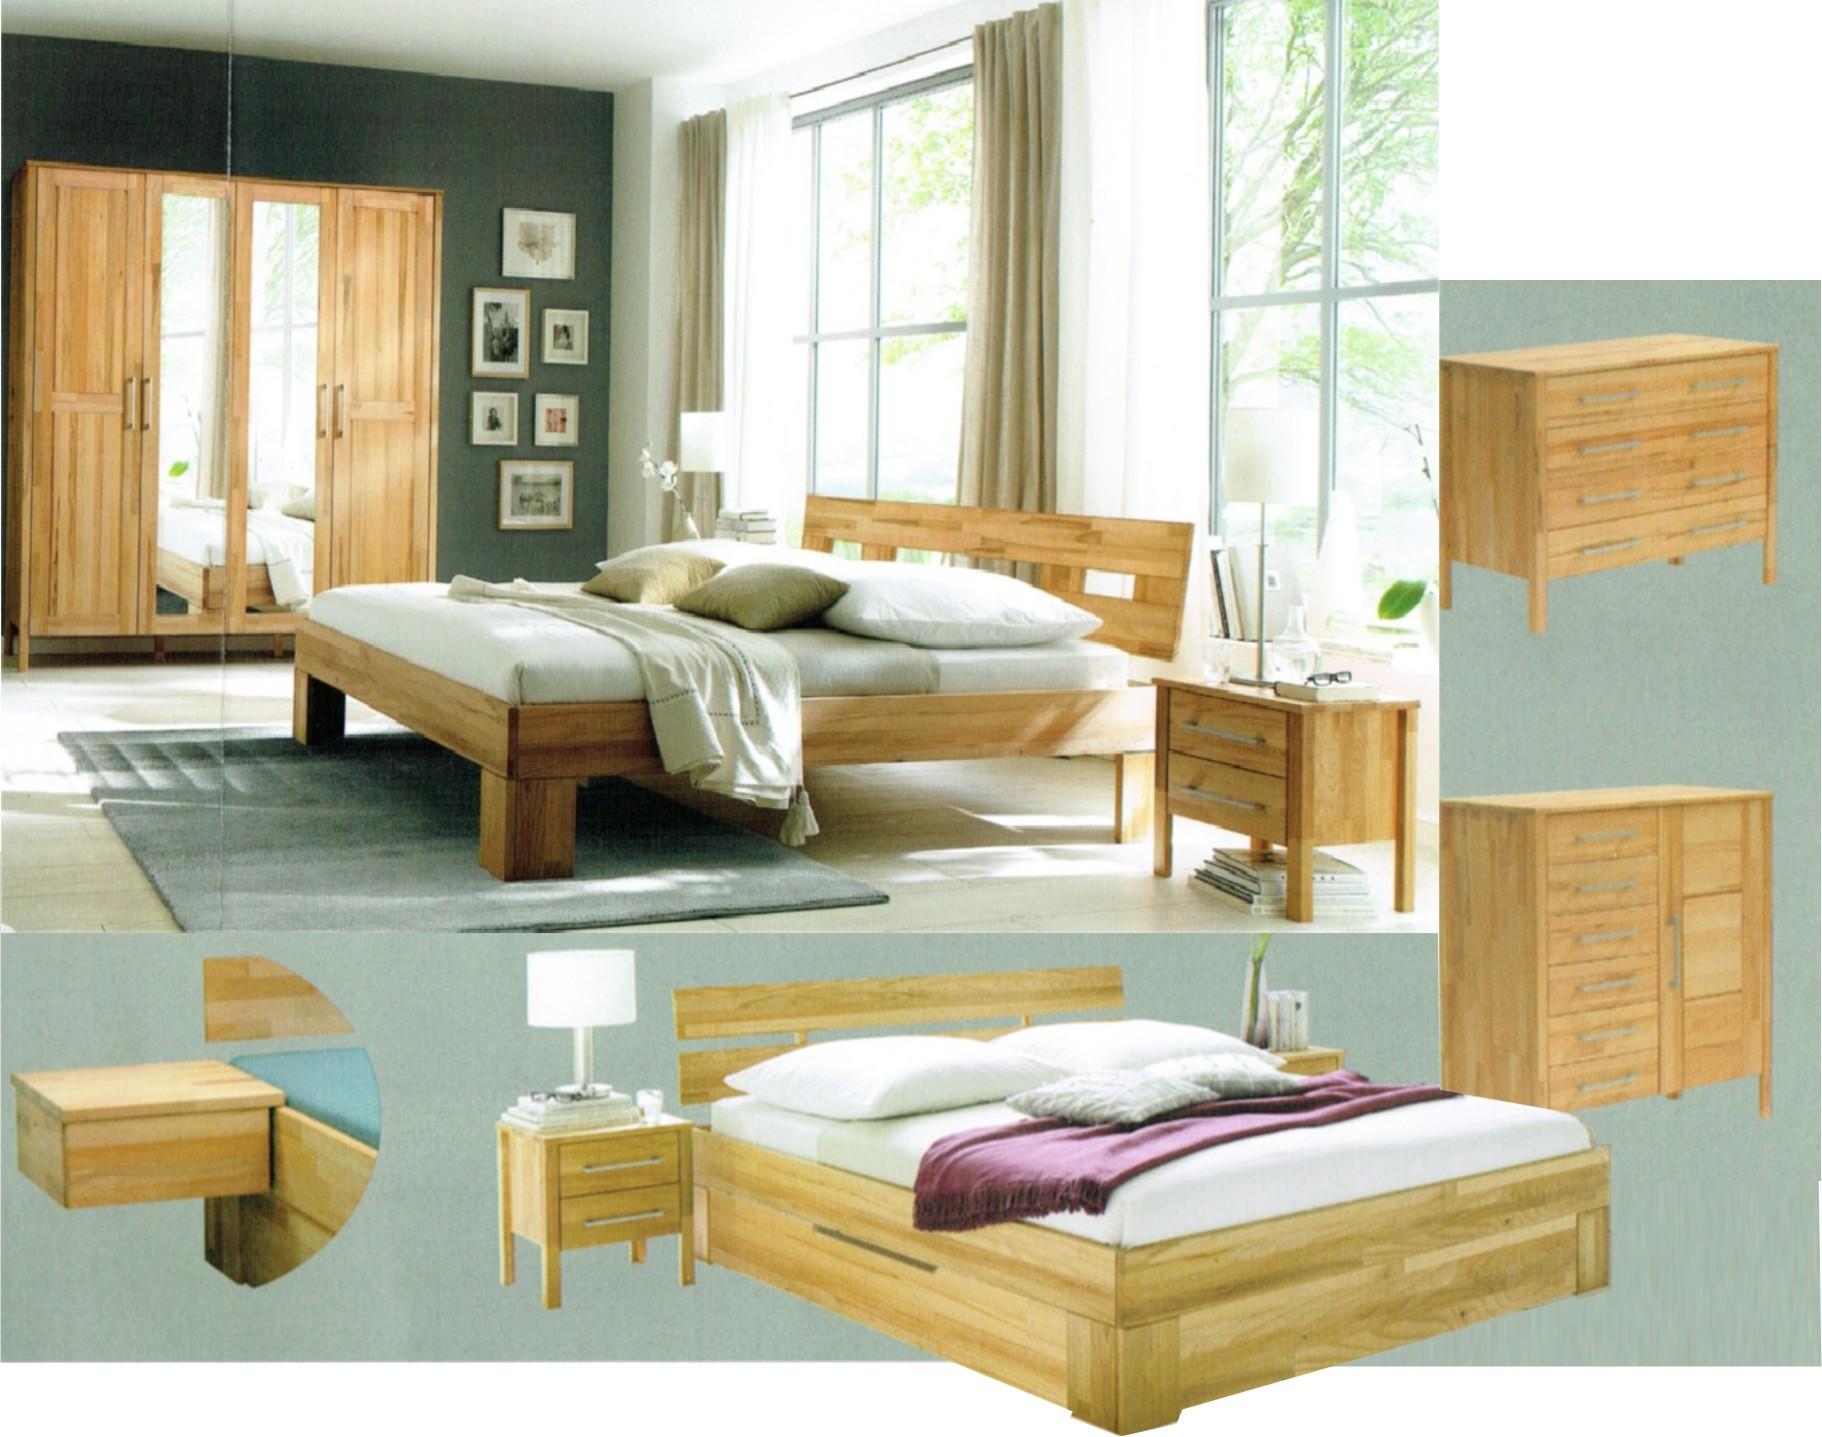 Full Size of Naturbelassene Massivholzbetten Massivholzschlafzimmer In Kronleuchter Schlafzimmer Günstige Betten 140x200 Tapeten Schranksysteme Landhaus Kommode Weiß Schlafzimmer Günstige Schlafzimmer